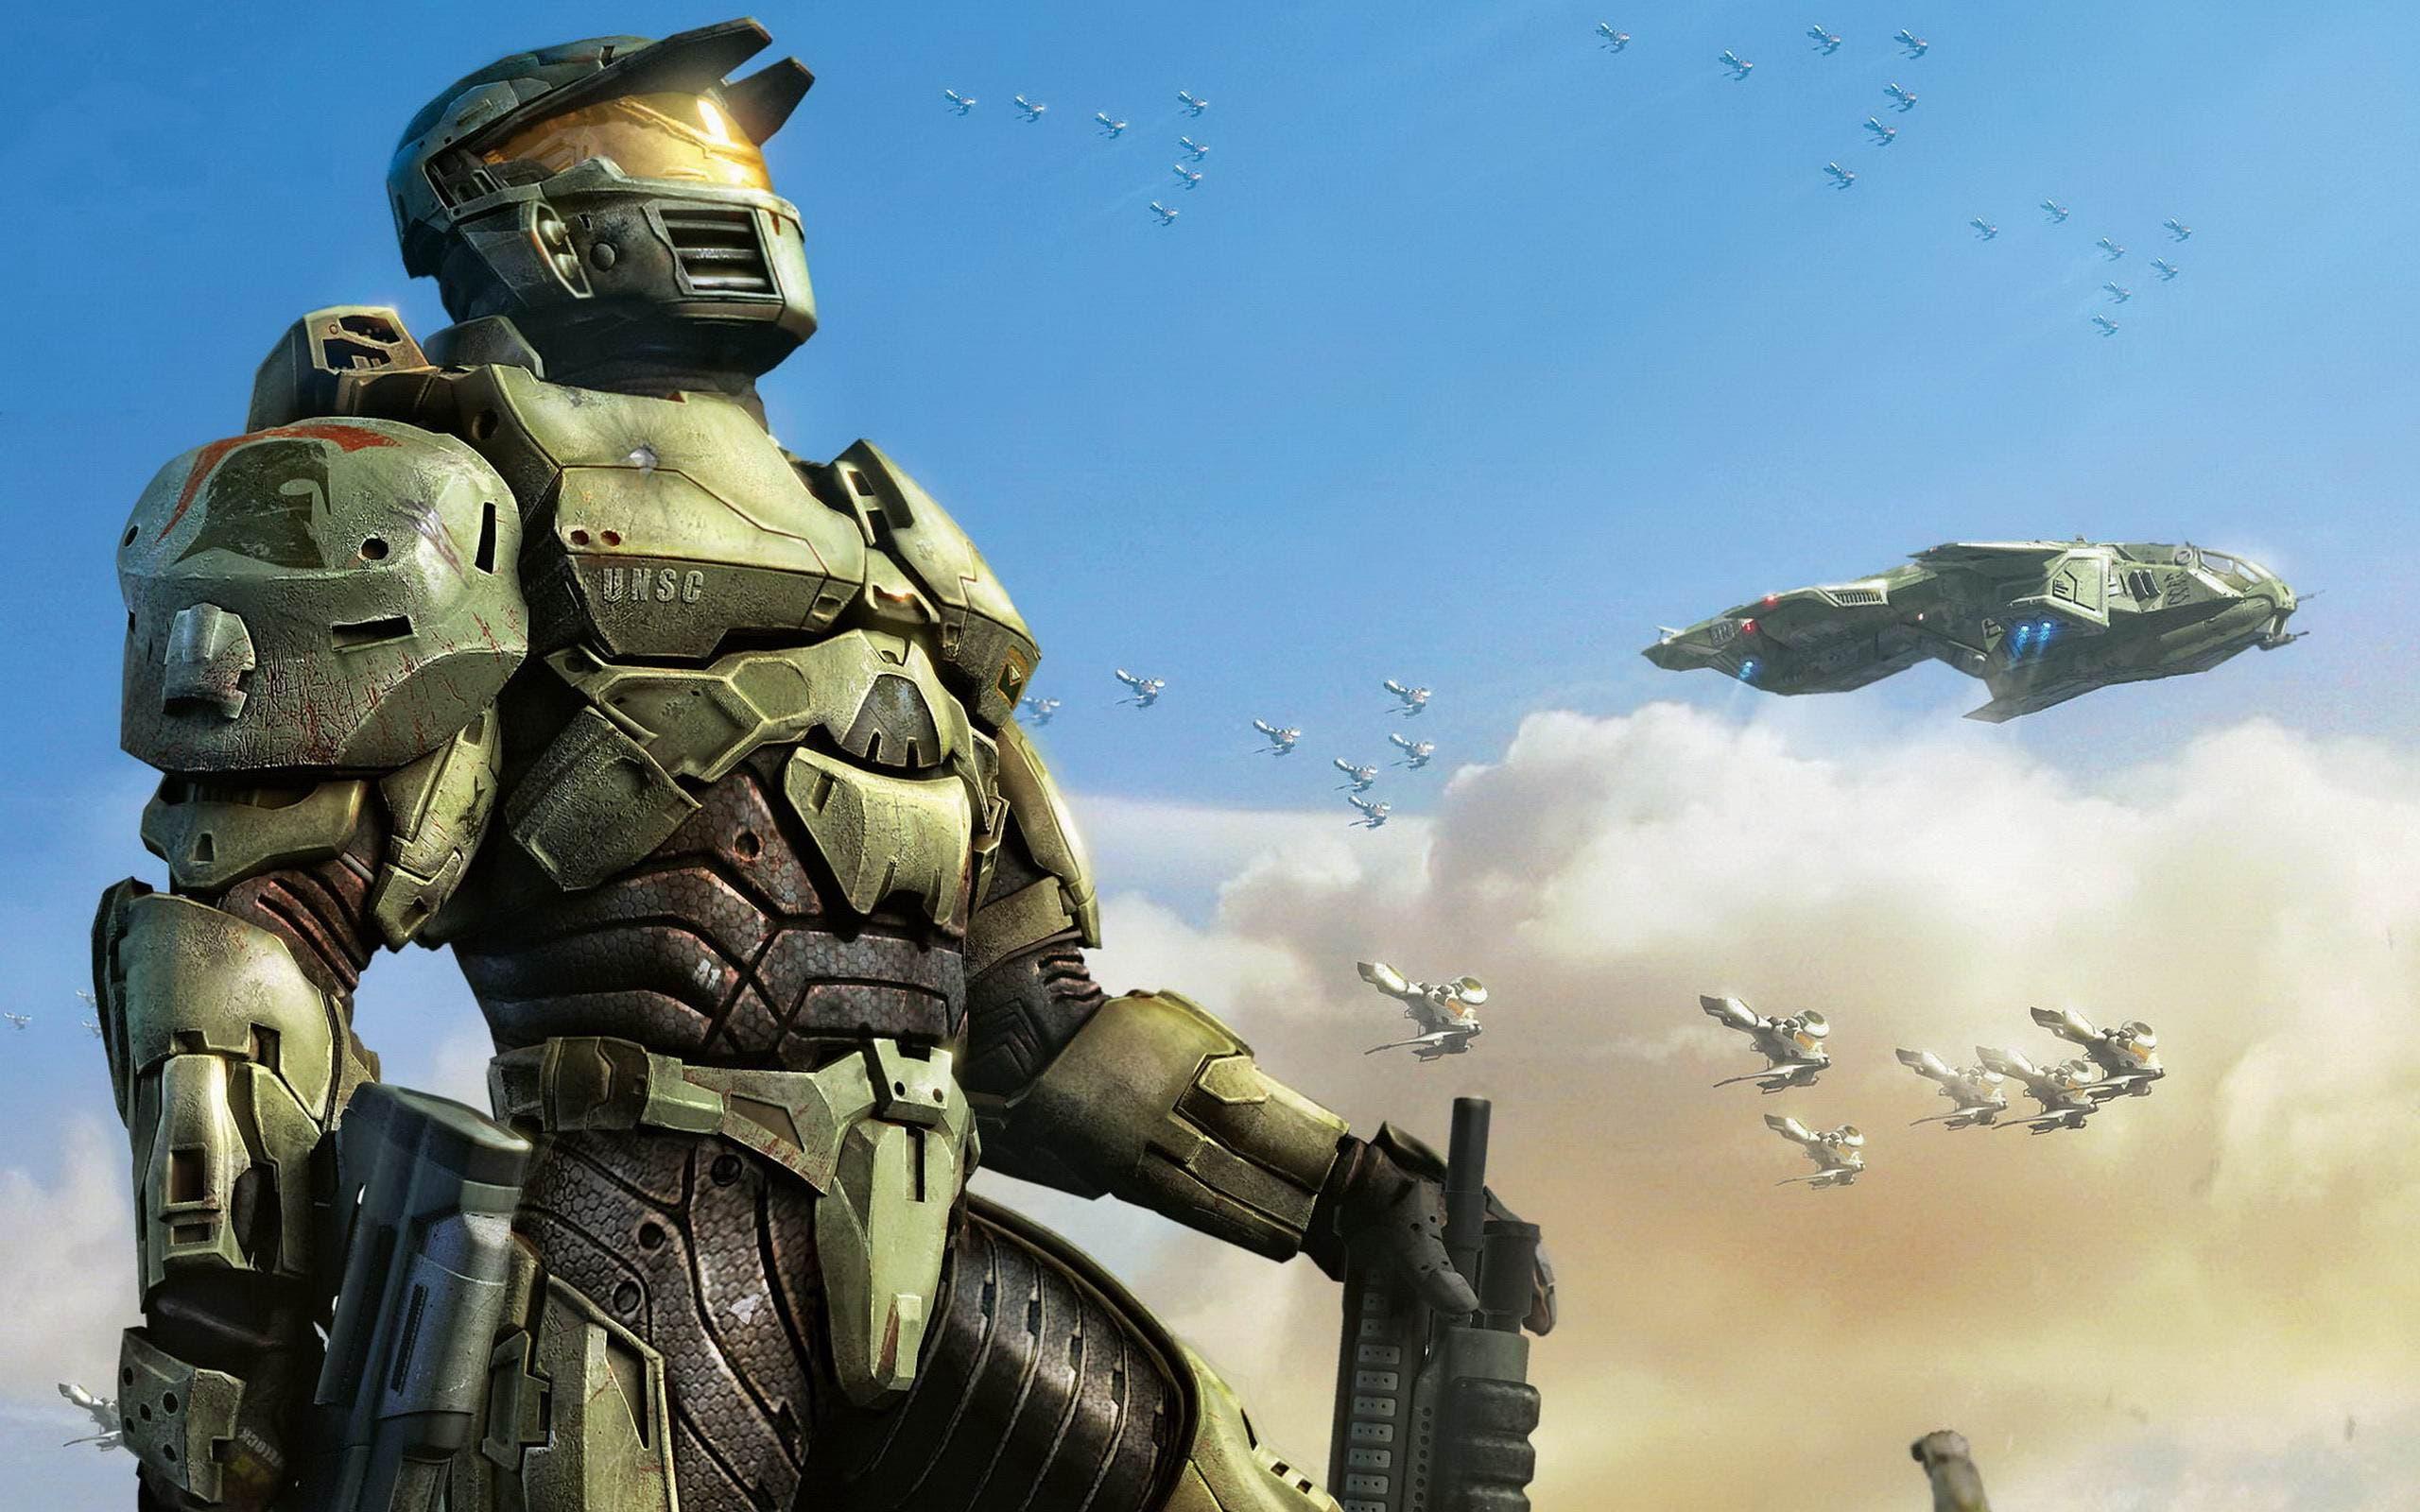 La adaptación de Halo: The Master Chief Collection en Xbox One X parece ir bien 2